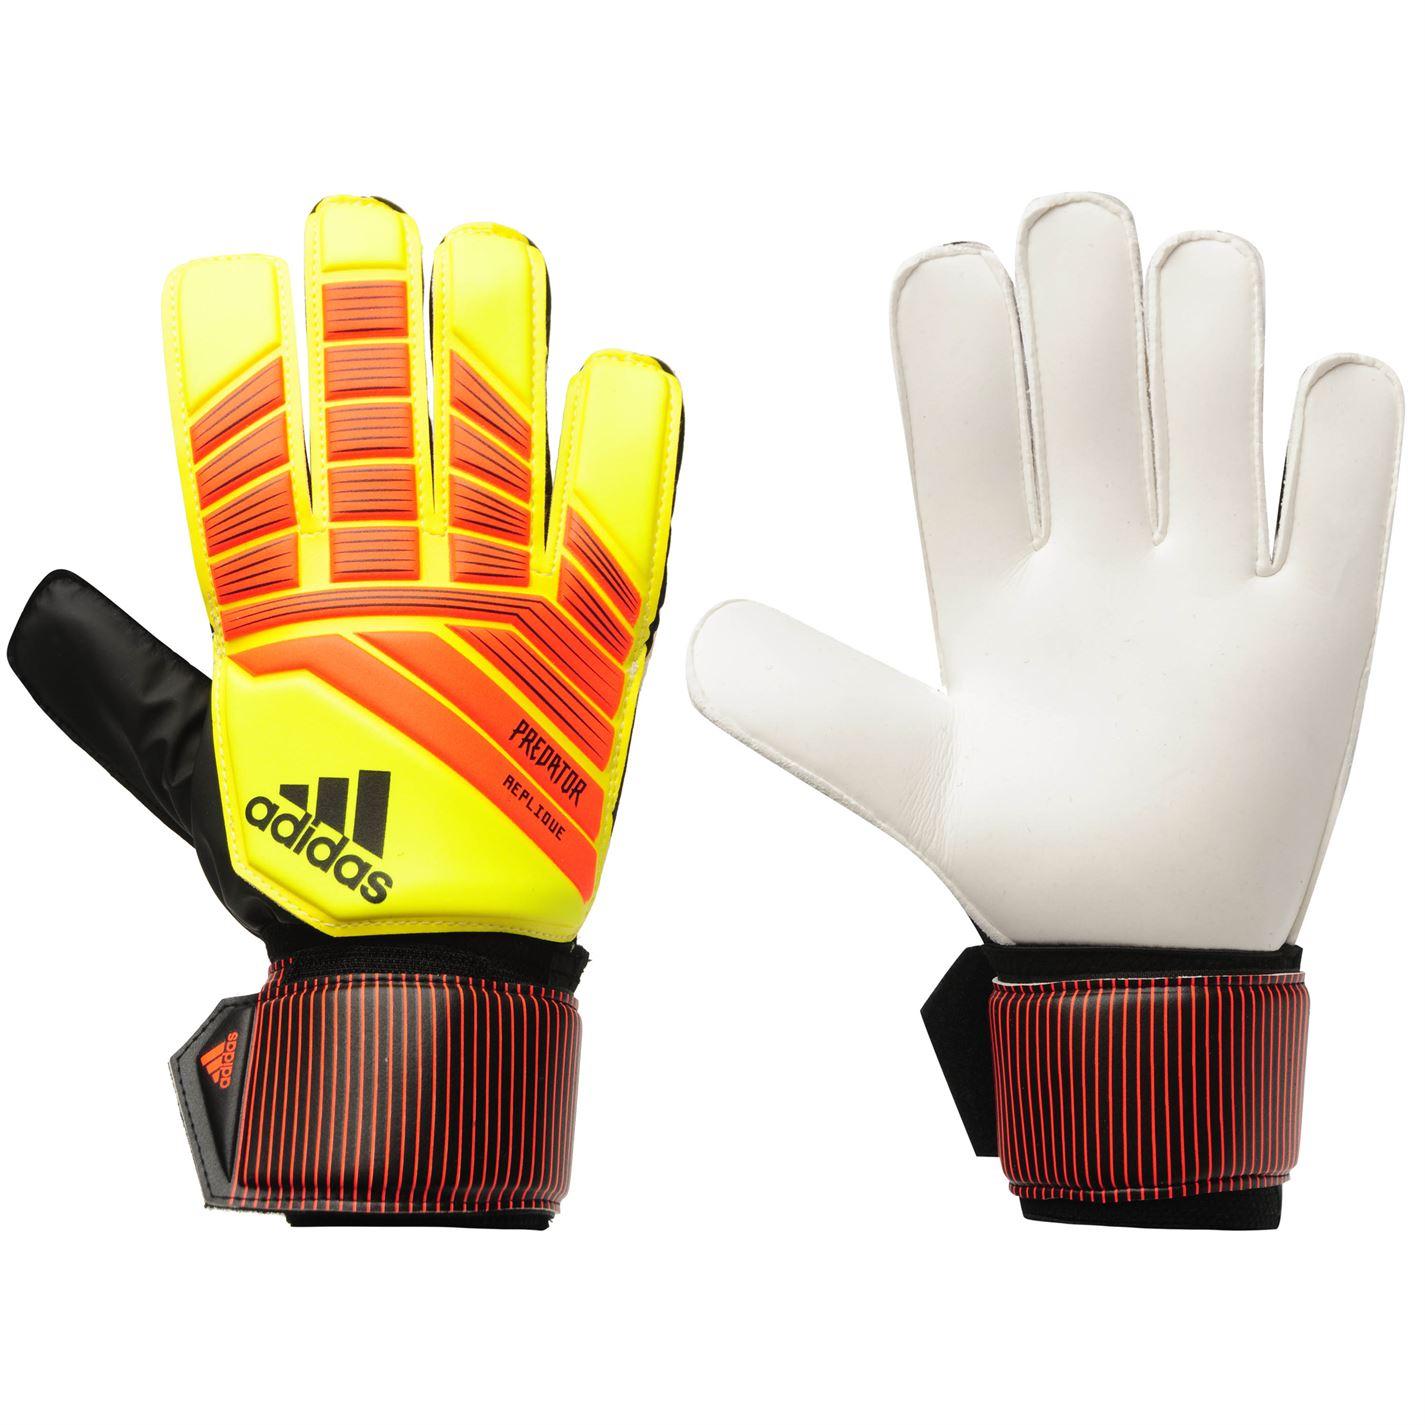 Adidas Predator Replique Gloves Mens